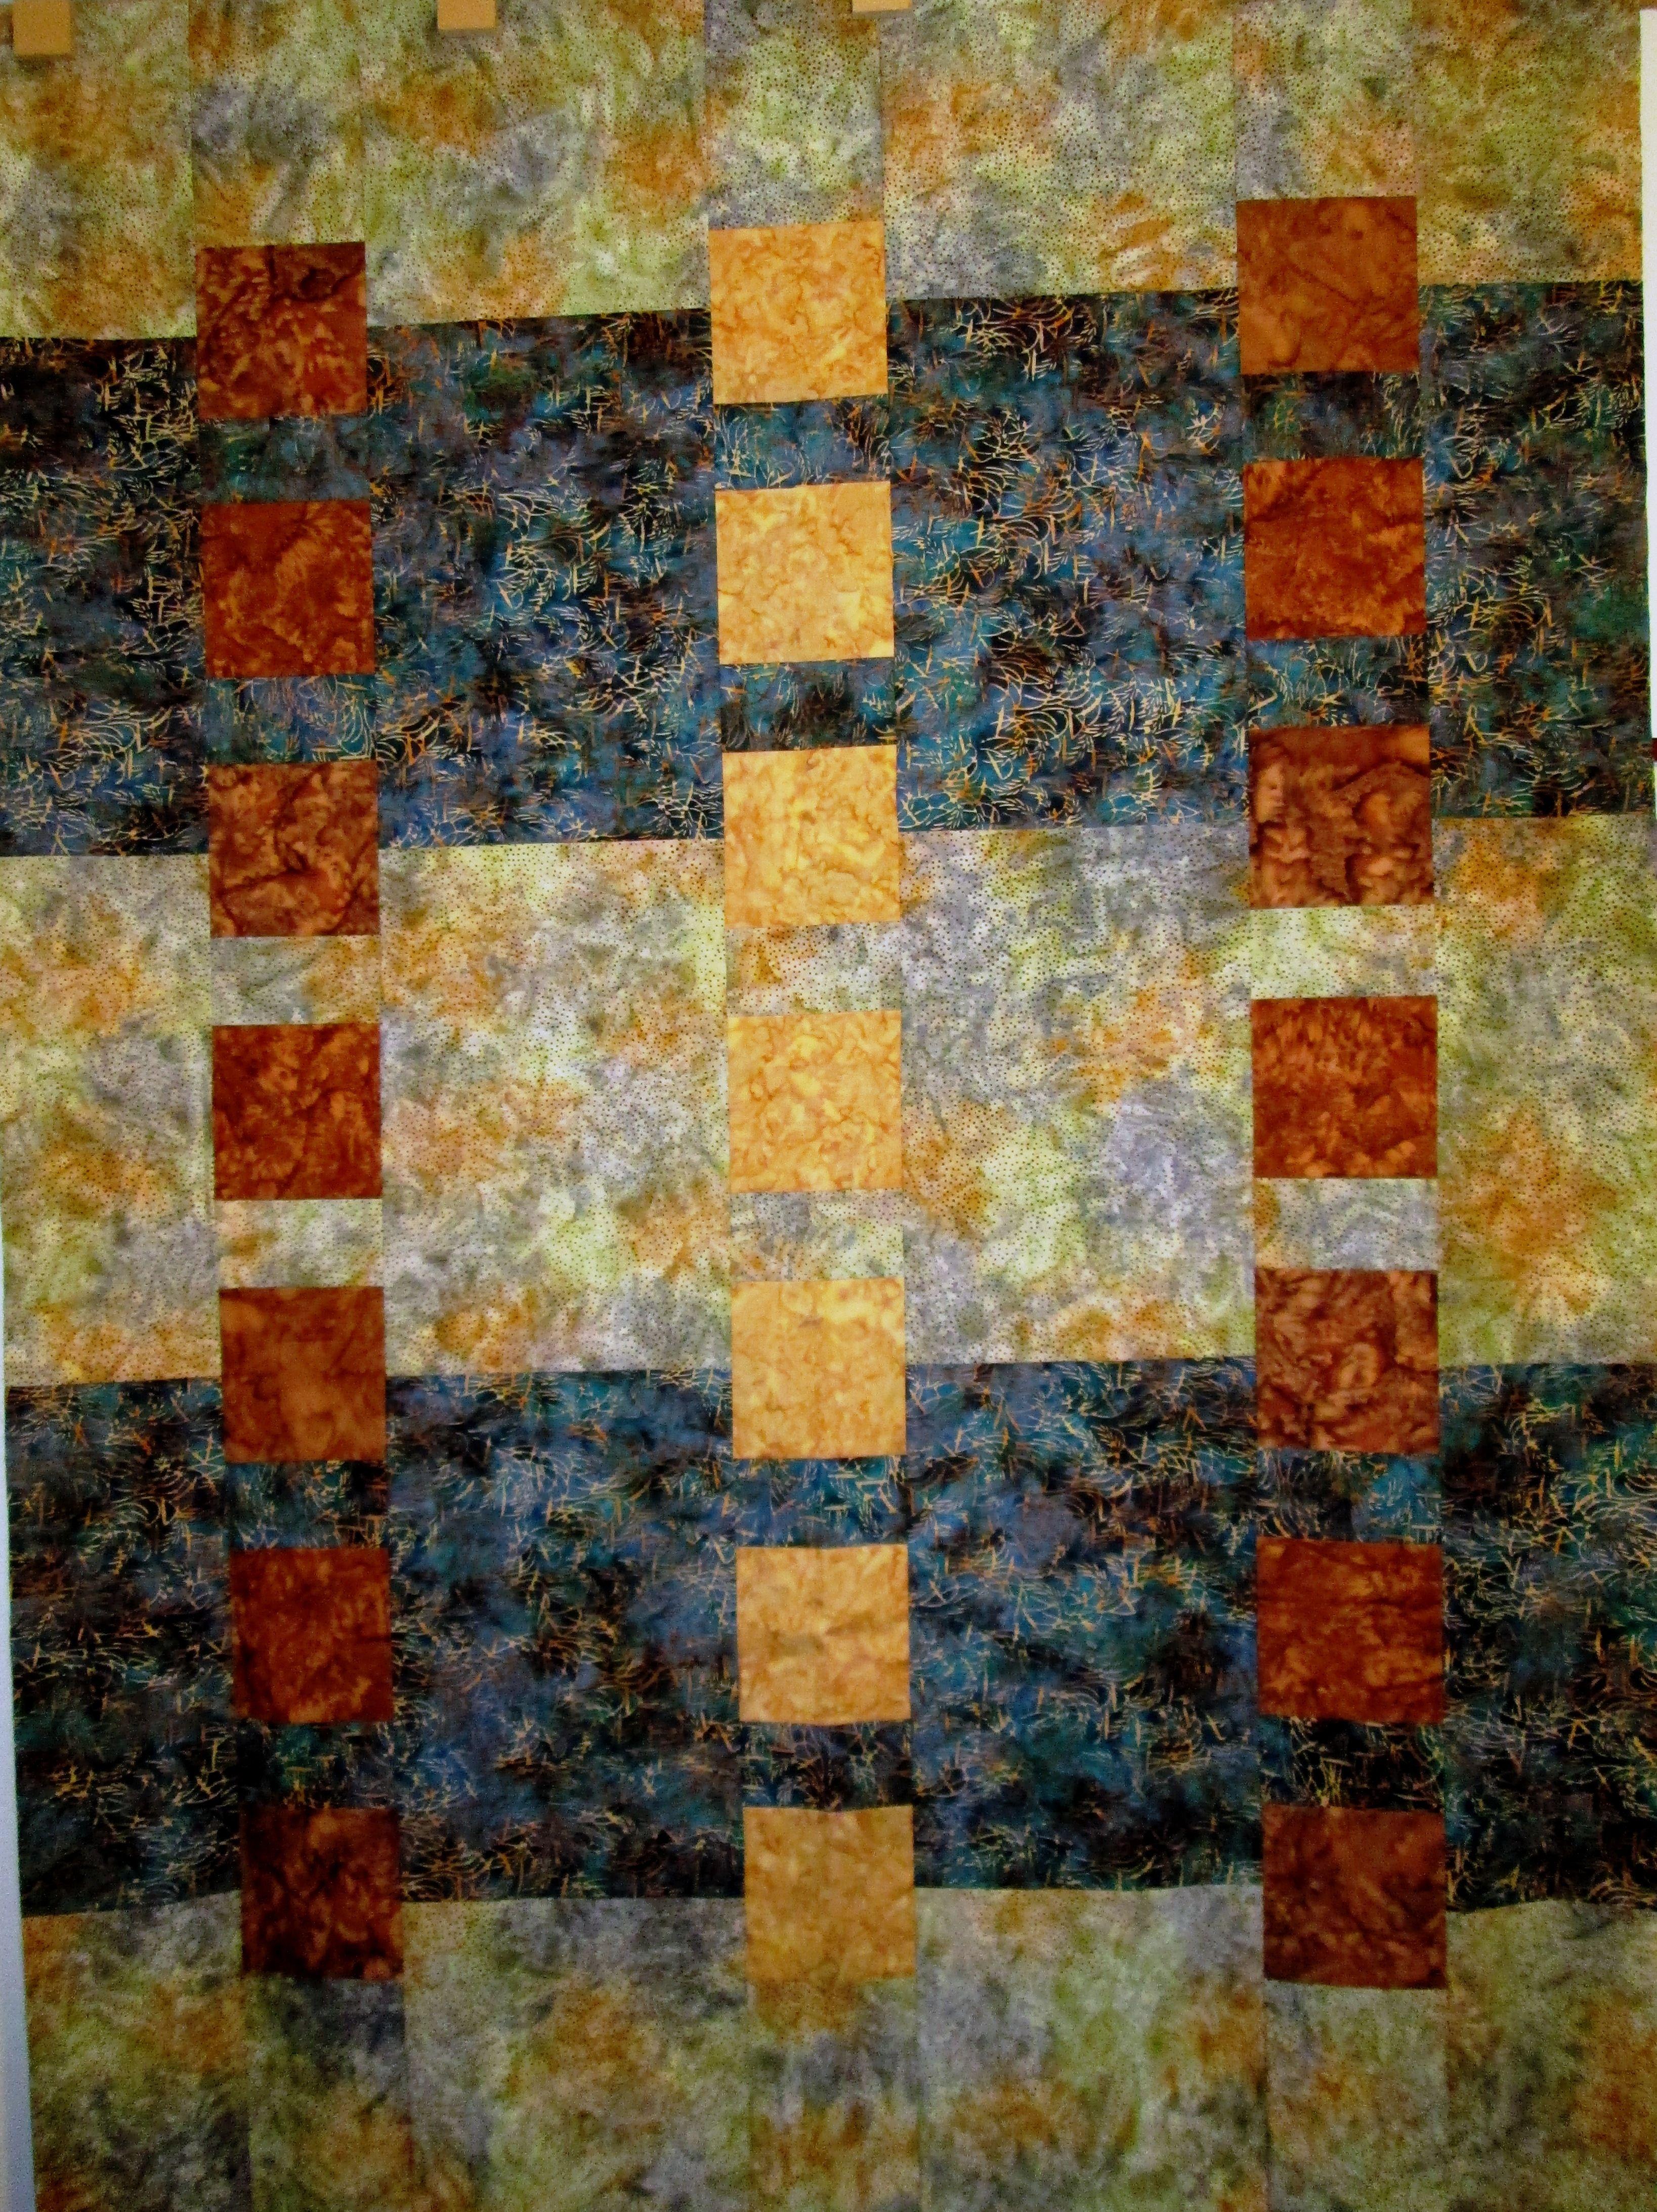 batiks in a modern quilt pattern